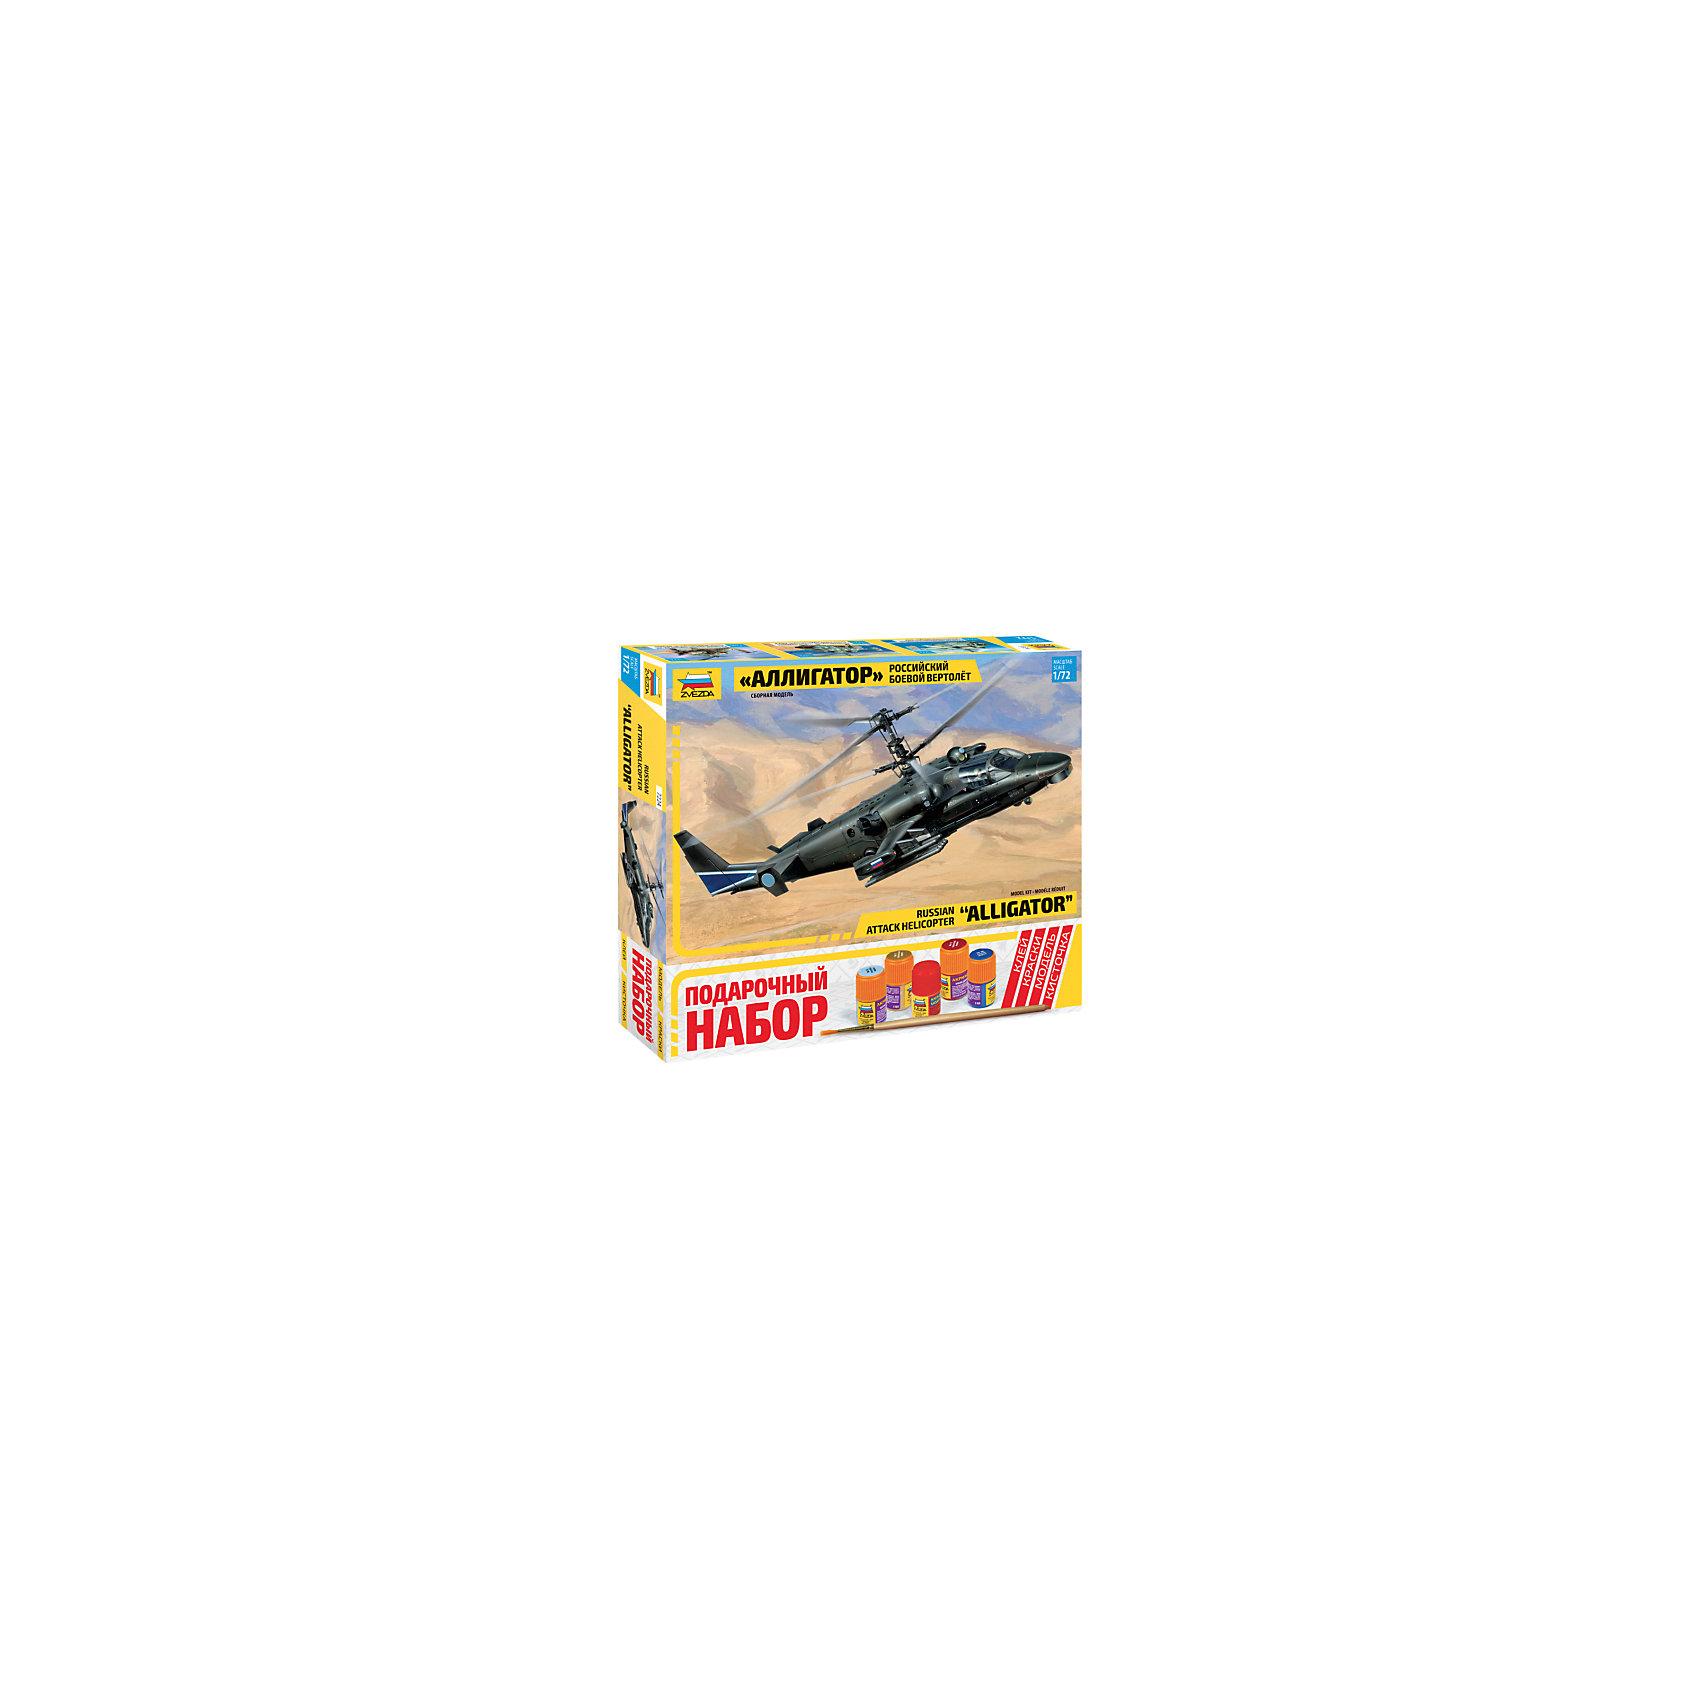 Сборная модель Звезда Вертолет Ка-52 Аллигатор, 1:72 (подарочный набор)Модели для склеивания<br>Набор подарочный-сборка Вертолет Ка-52 Аллигатор (Россия)<br><br>Ширина мм: 306<br>Глубина мм: 50<br>Высота мм: 276<br>Вес г: 540<br>Возраст от месяцев: 36<br>Возраст до месяцев: 180<br>Пол: Мужской<br>Возраст: Детский<br>SKU: 7086529